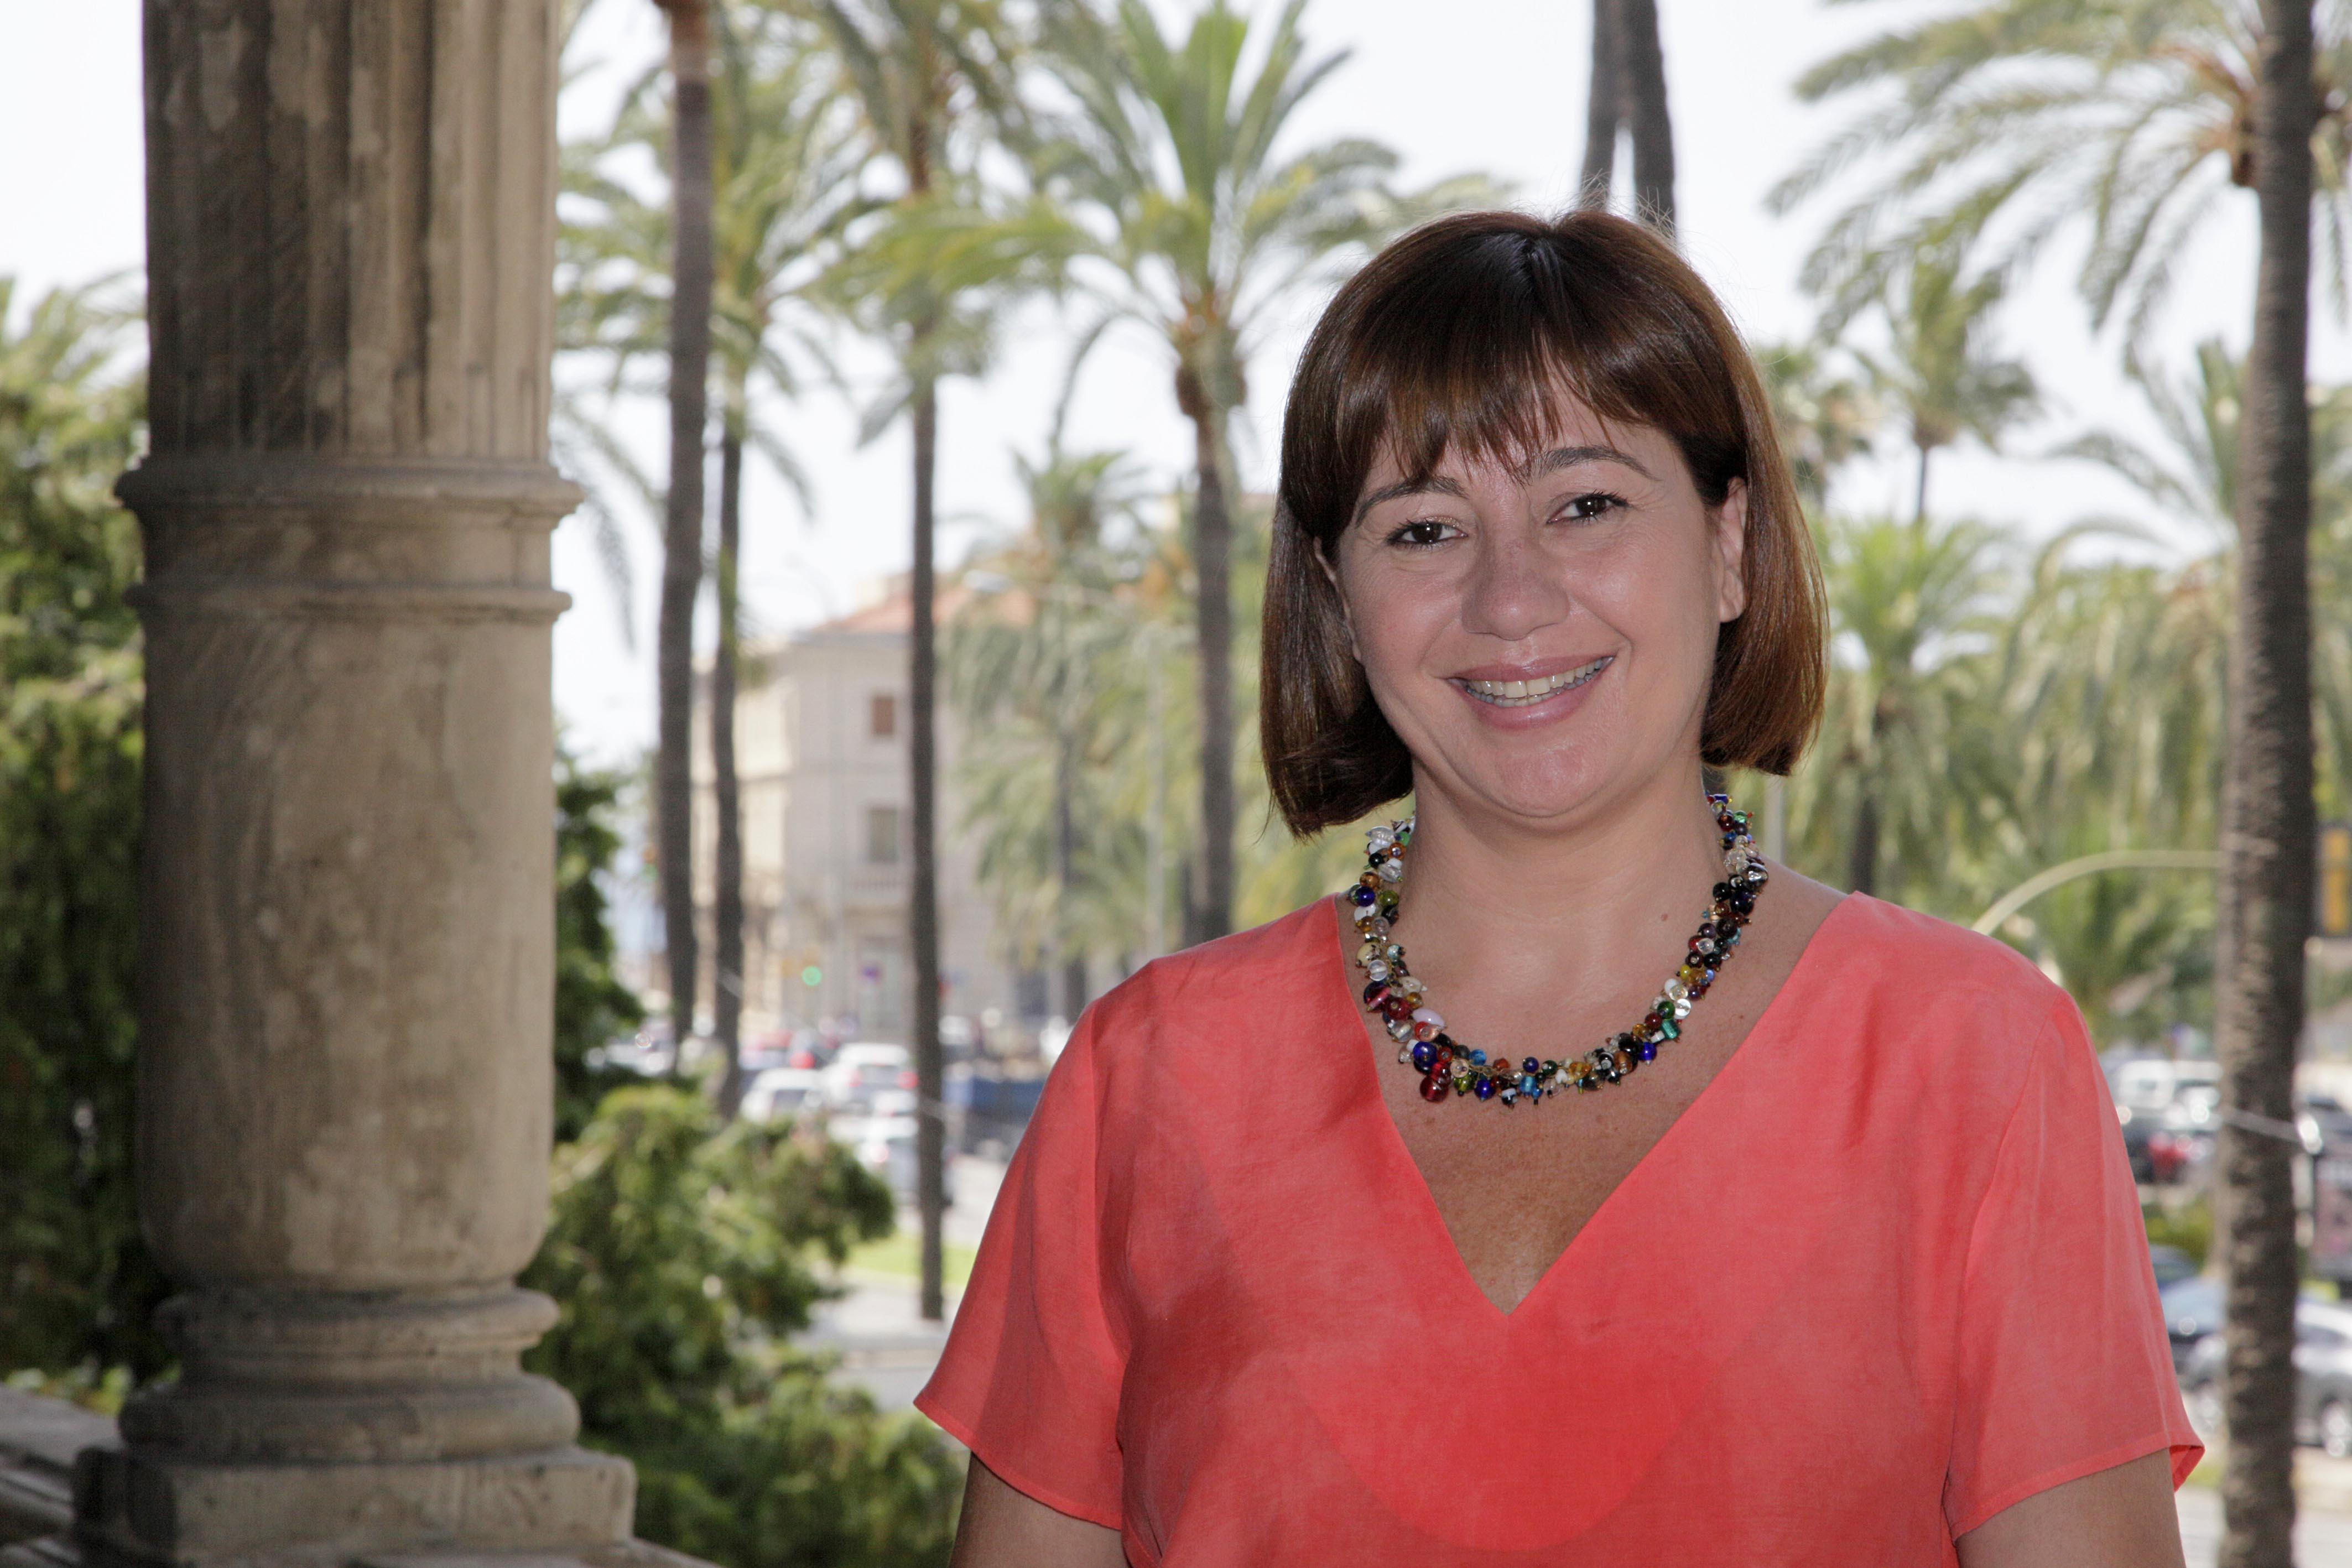 Baleares activa la primera Ley que considera el impago de pensiones como «violencia económica» a las mujeres.